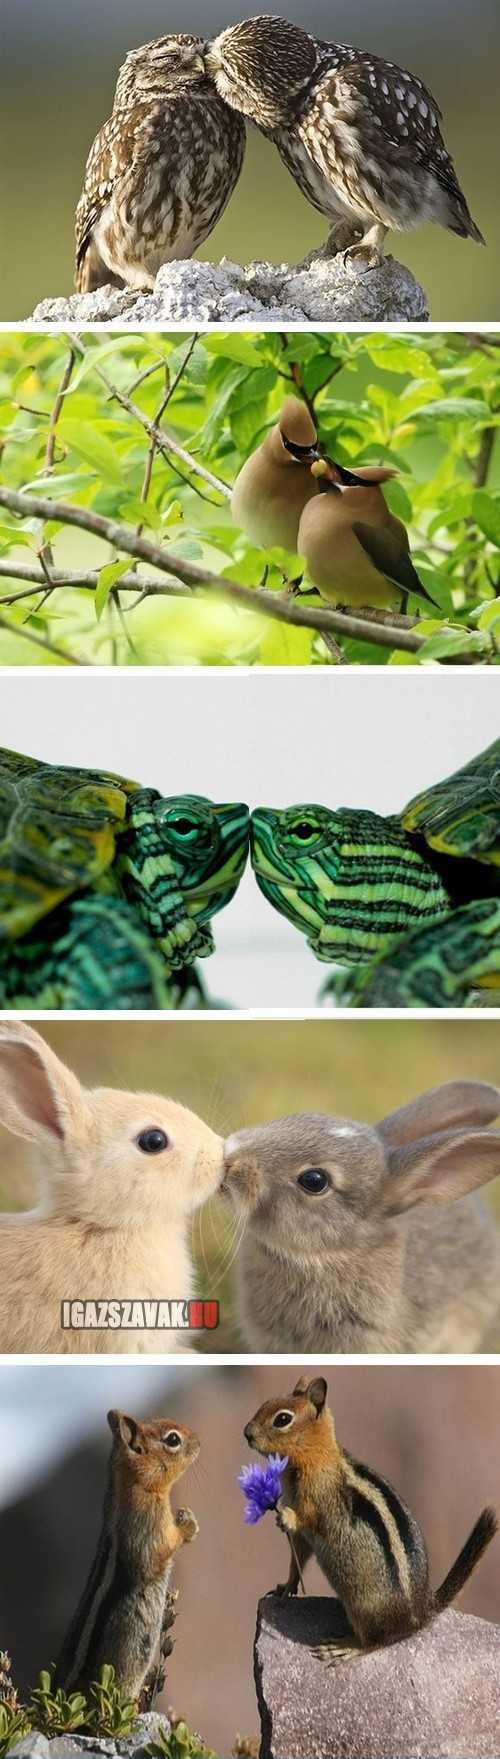 állati szerelmek